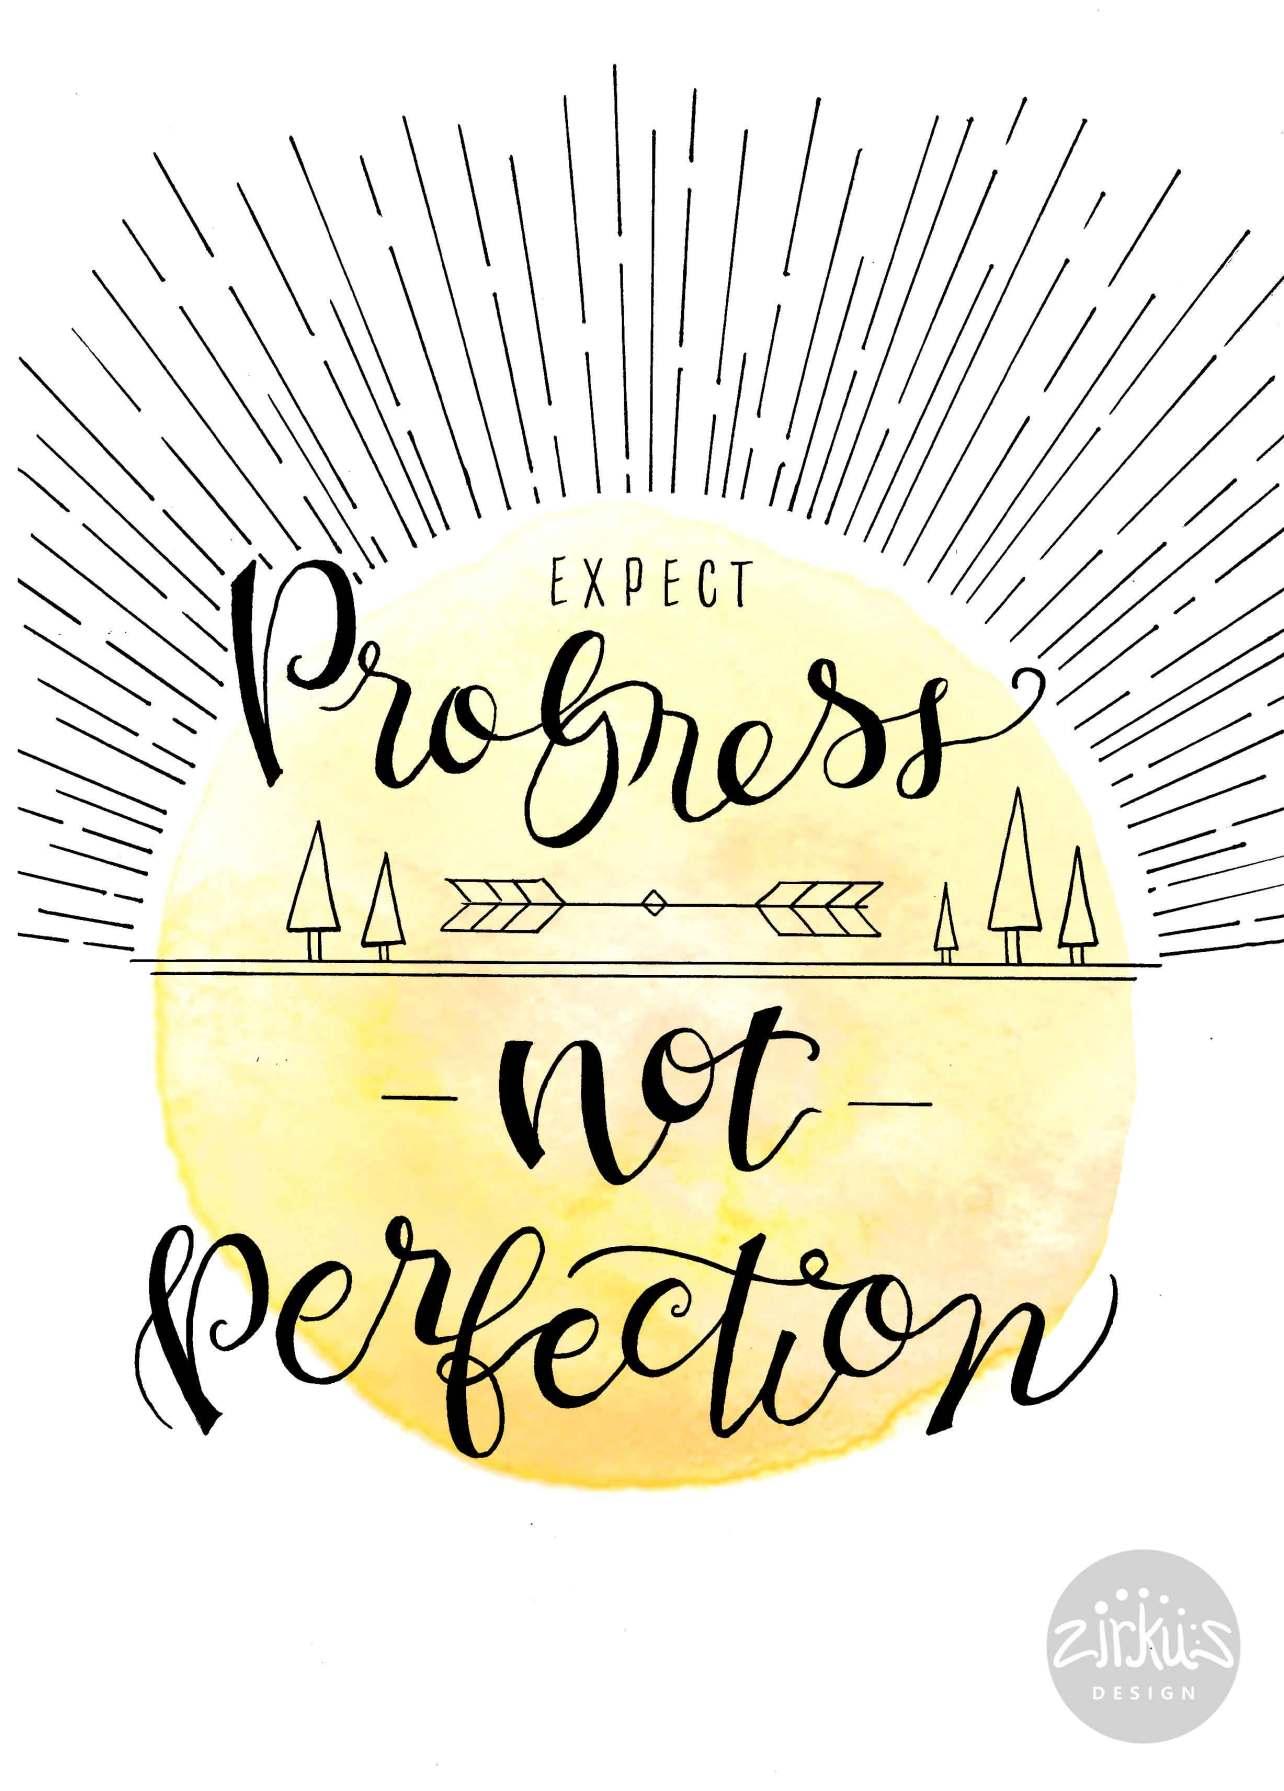 Zirkus Design   Expect Progress Not Perfection   Hand Lettering + Watercolor